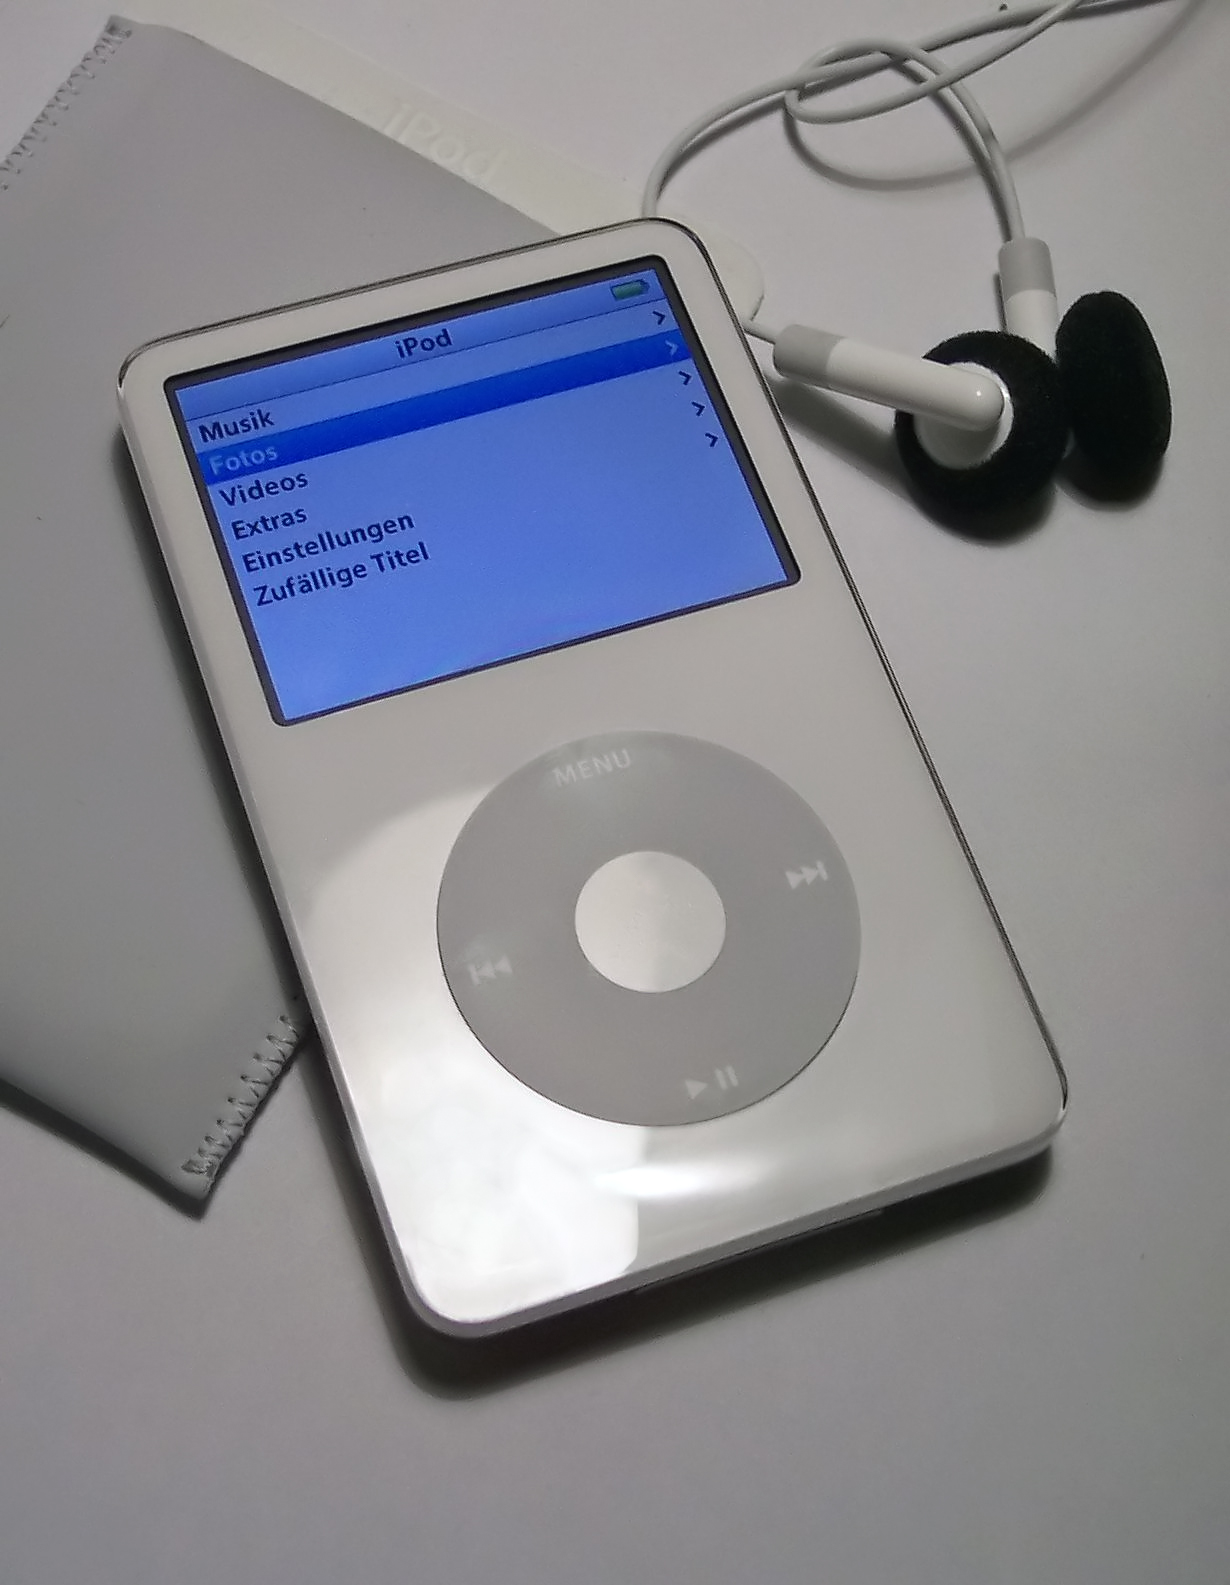 http://1.bp.blogspot.com/-fsmlt_jRLwk/Tc33XiefbRI/AAAAAAAAAsI/LLA-btRTI-M/s1600/iPod-iPod%2Btouch%2Bis%2Ban%2BiPod%2Bwith%2Ba%2Bhigh-resolution%2Bdisplay.jpg